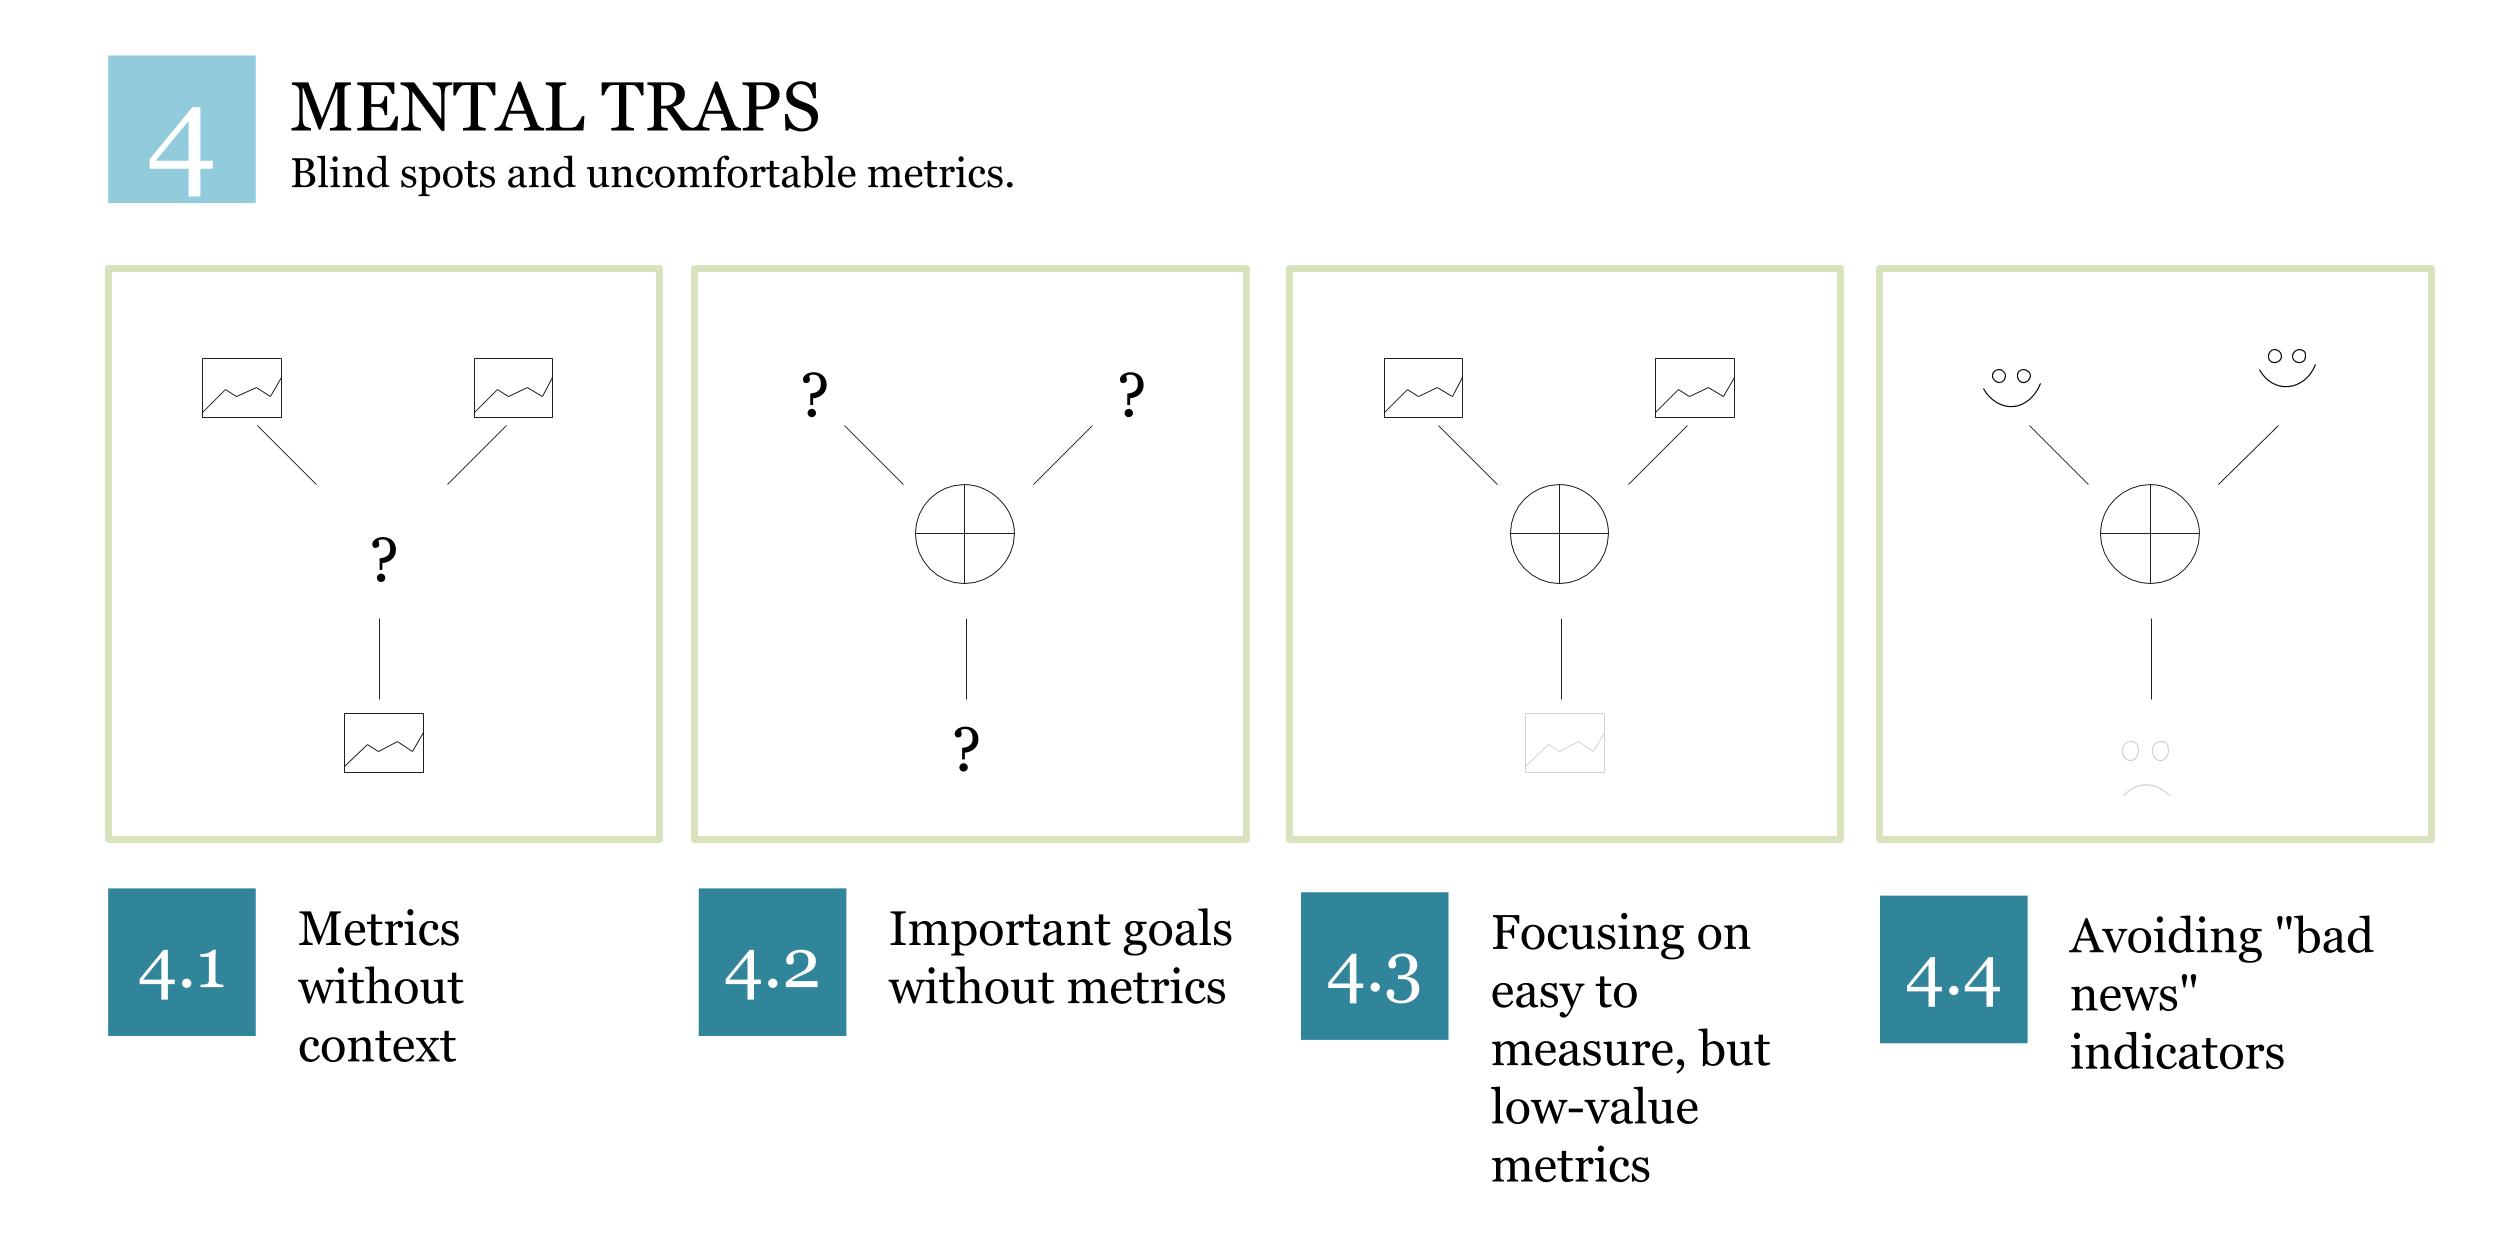 Mental Traps KPI System